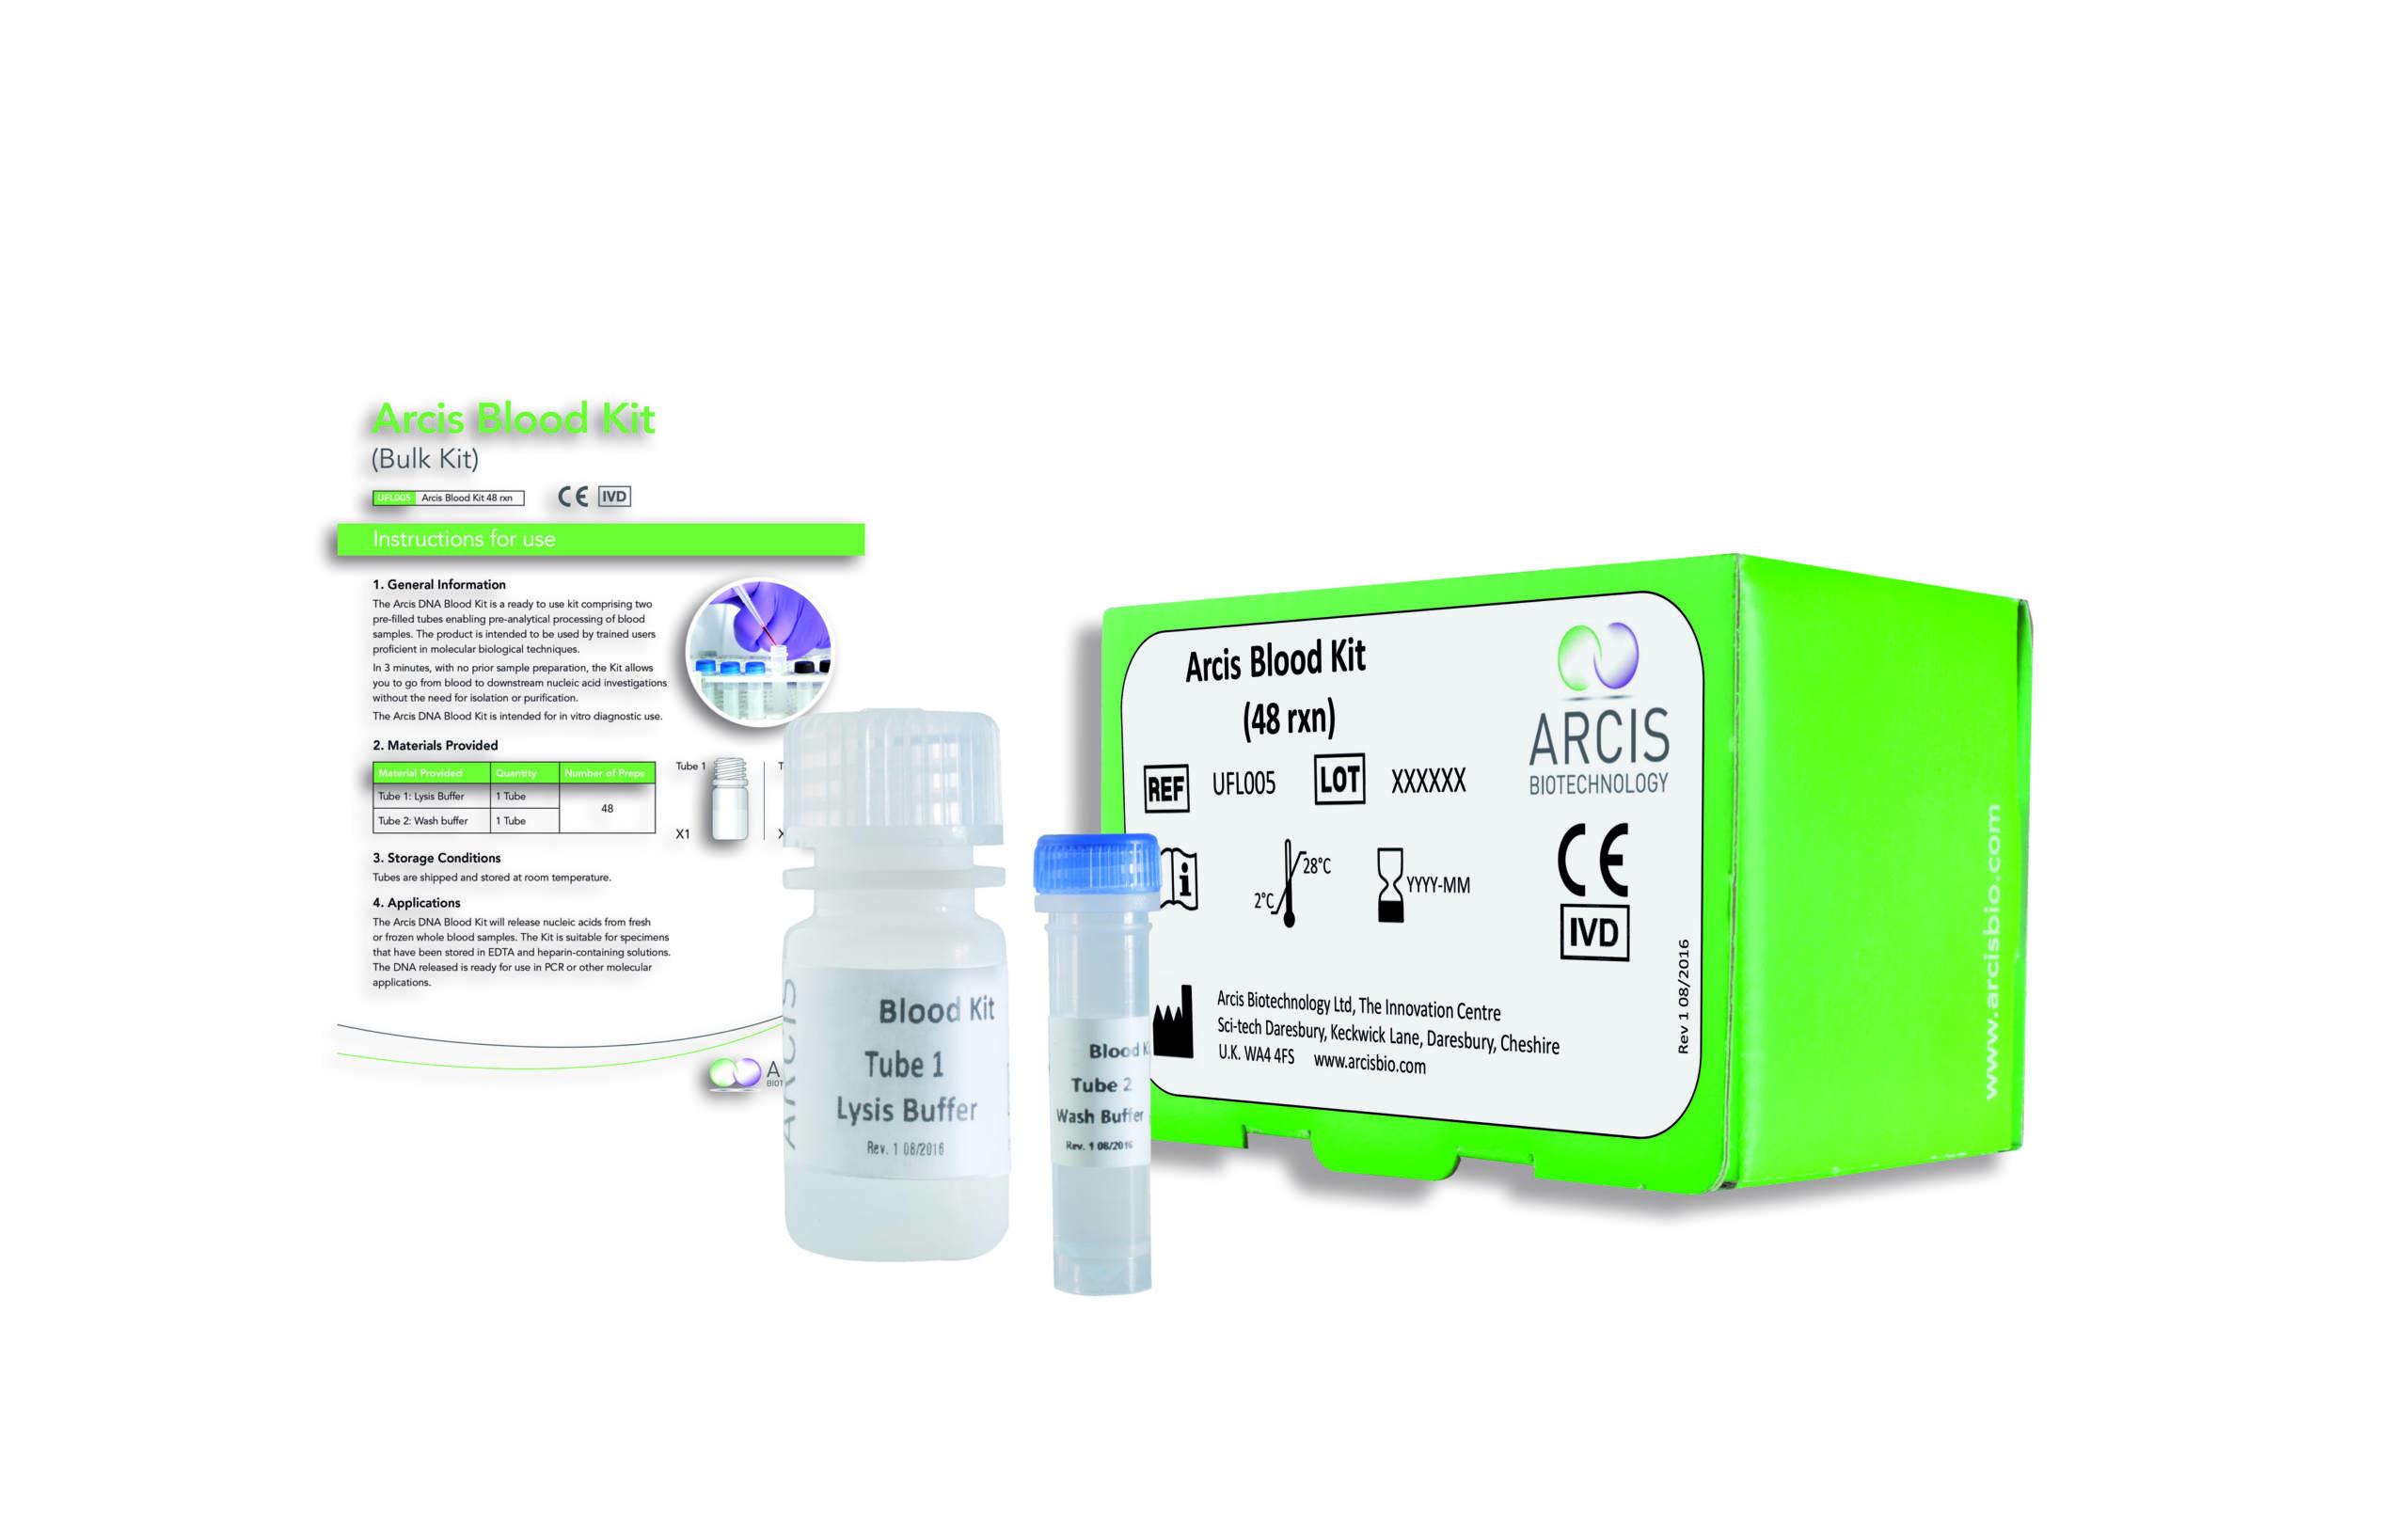 Arcis Blood Kit